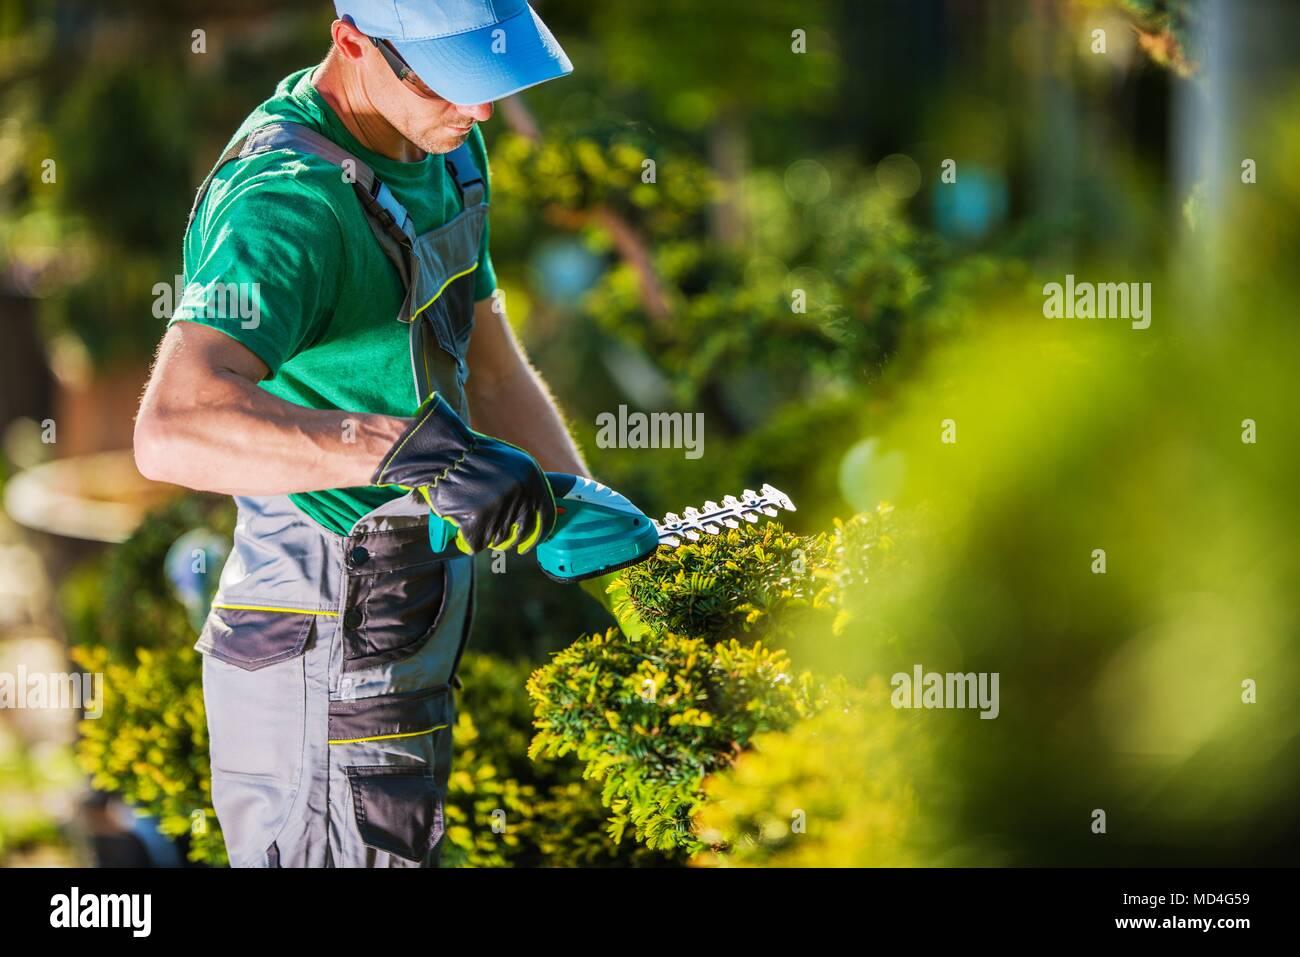 Temps de travail de fraisage Les Plantes de Printemps. Caucasian jardinier dans le jardin. Photo Stock